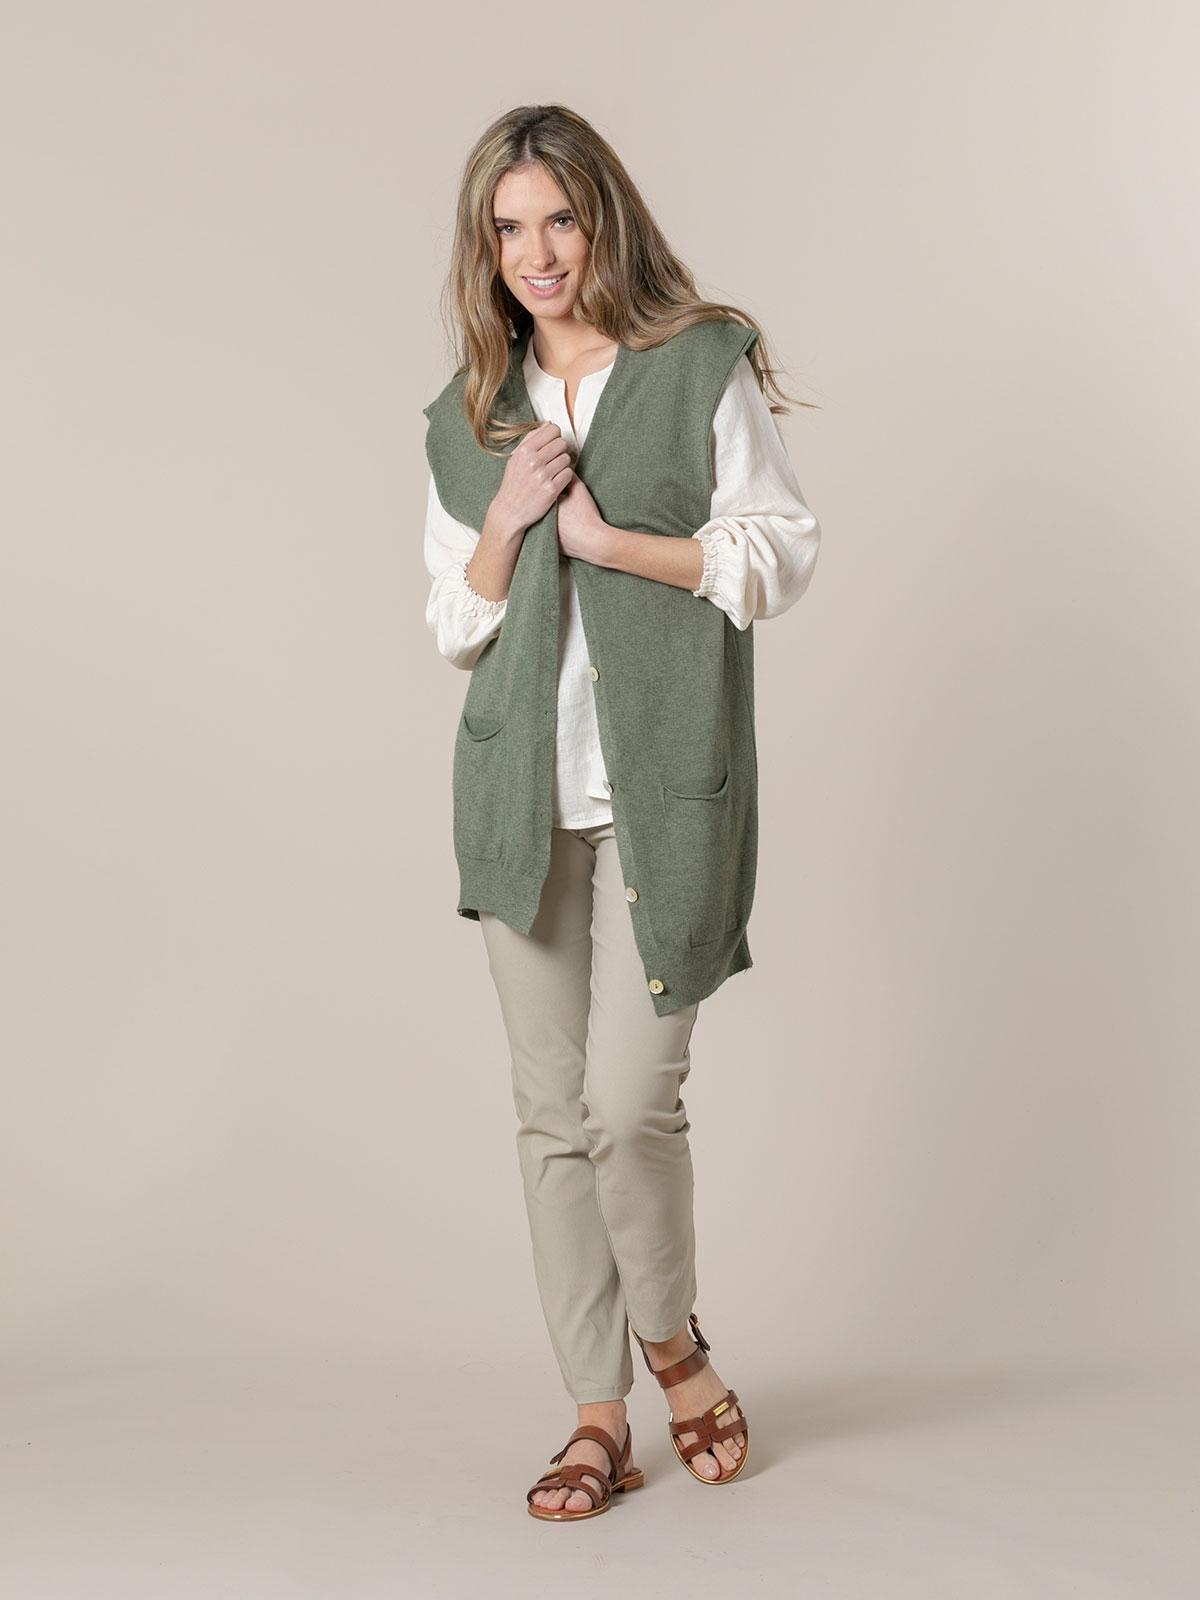 Chaleco mujer punto largo botones y bolsillos Caqui